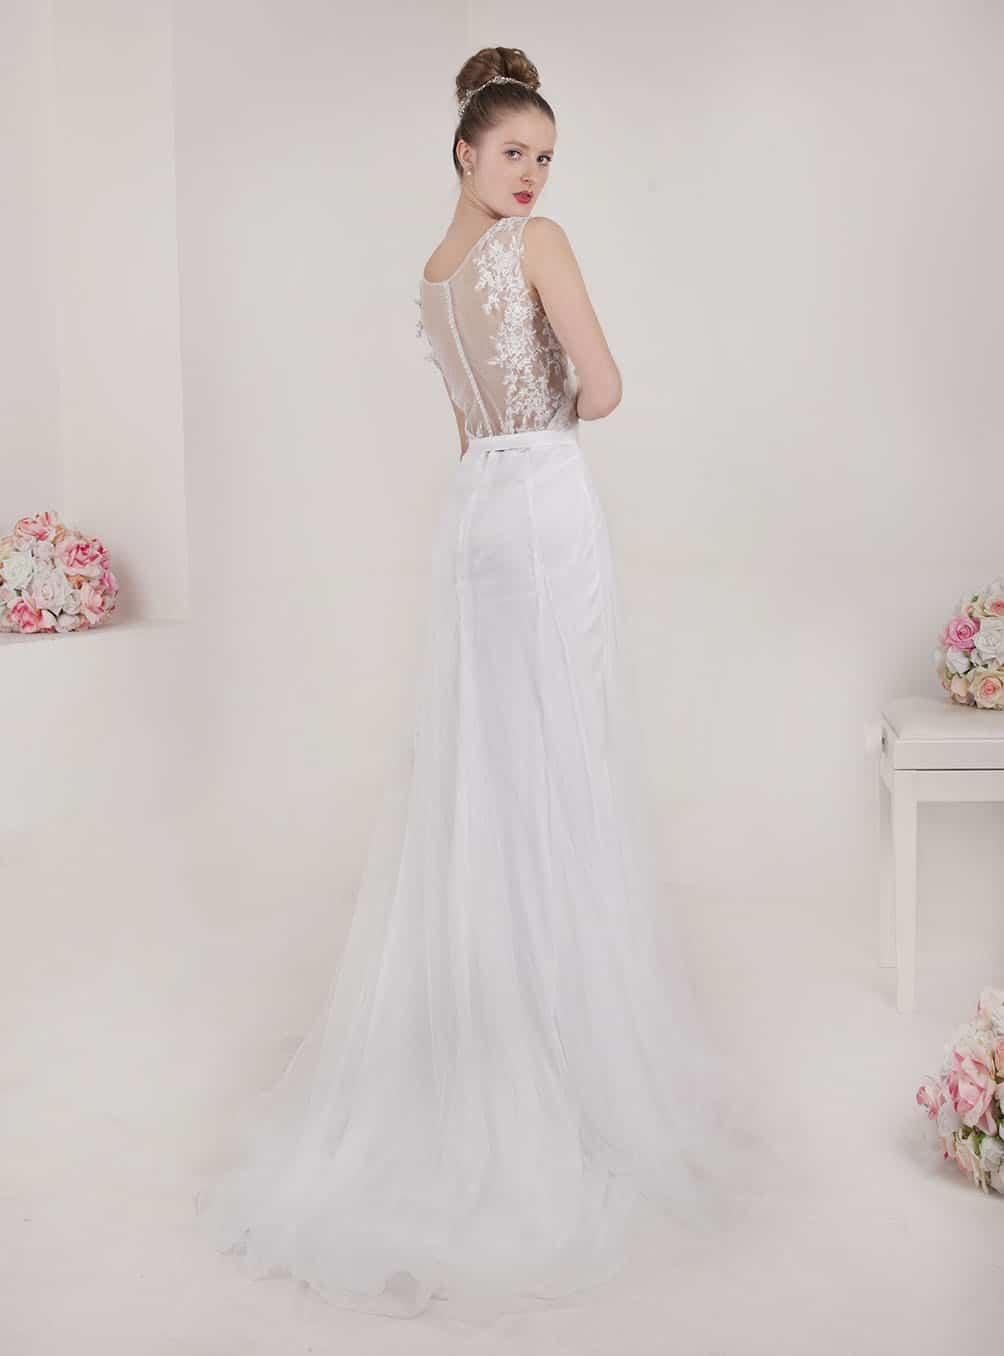 Svatební šaty od Zoryana Stekhnovych